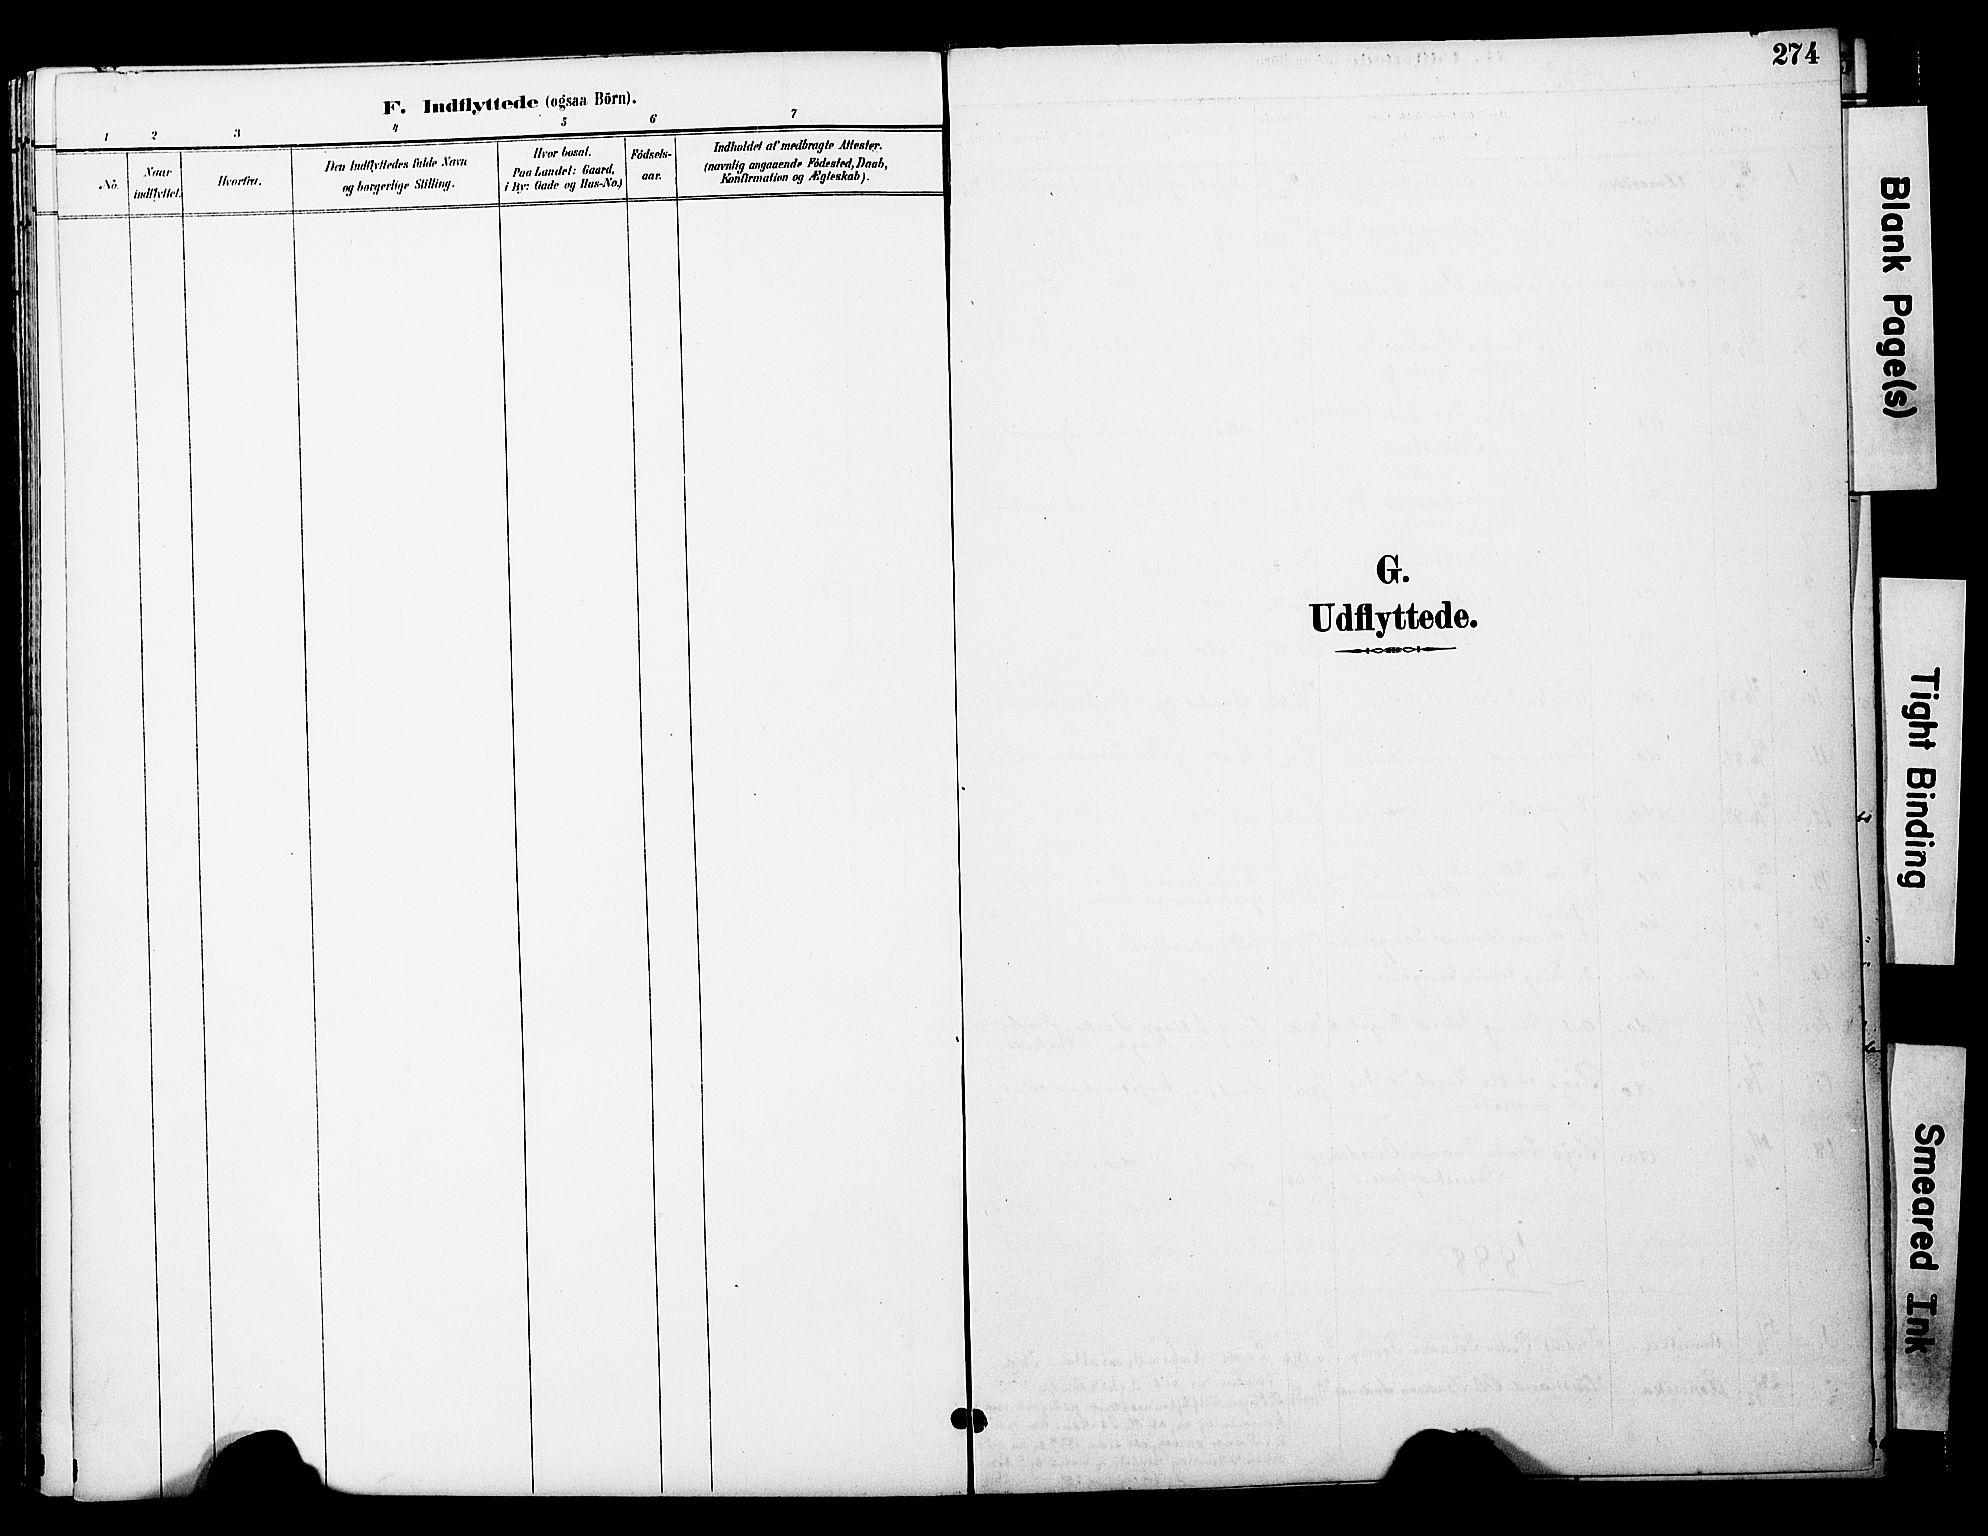 SAT, Ministerialprotokoller, klokkerbøker og fødselsregistre - Nord-Trøndelag, 774/L0628: Ministerialbok nr. 774A02, 1887-1903, s. 274